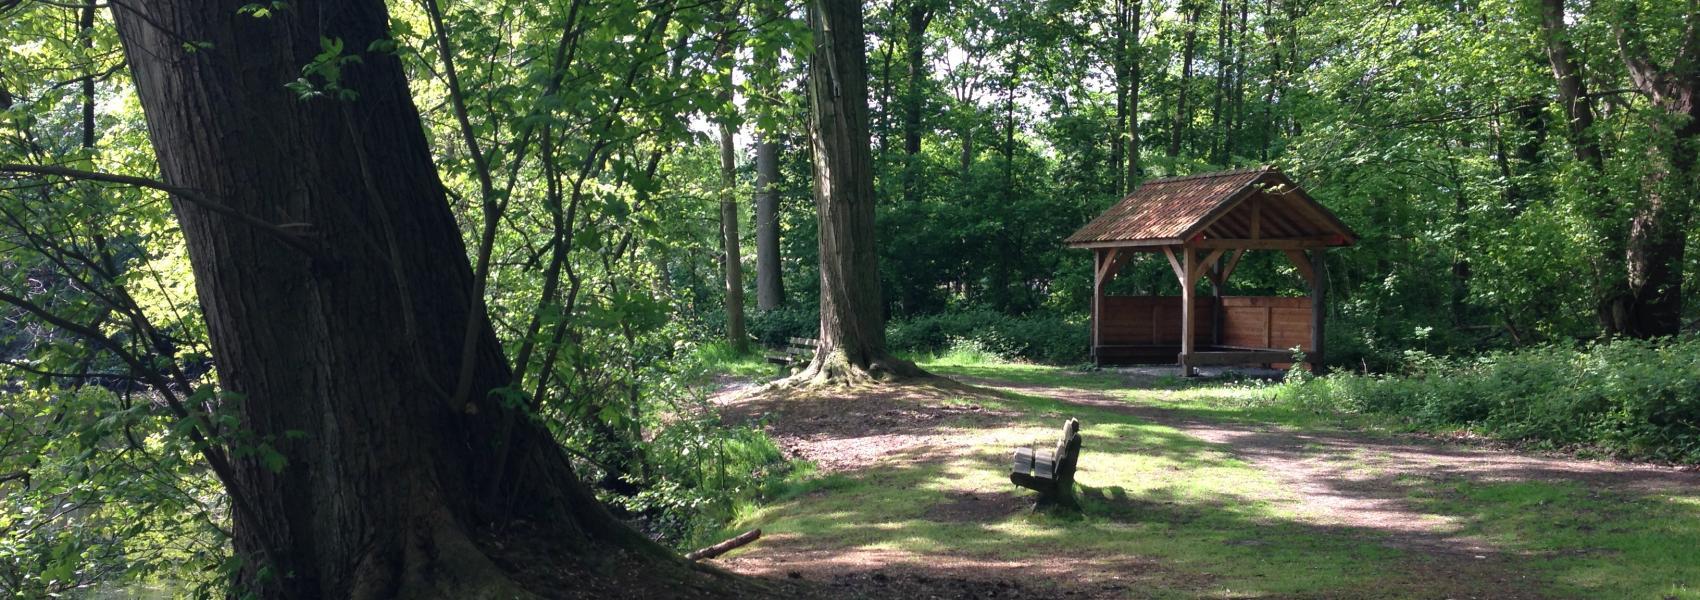 hut en bankje in het bos